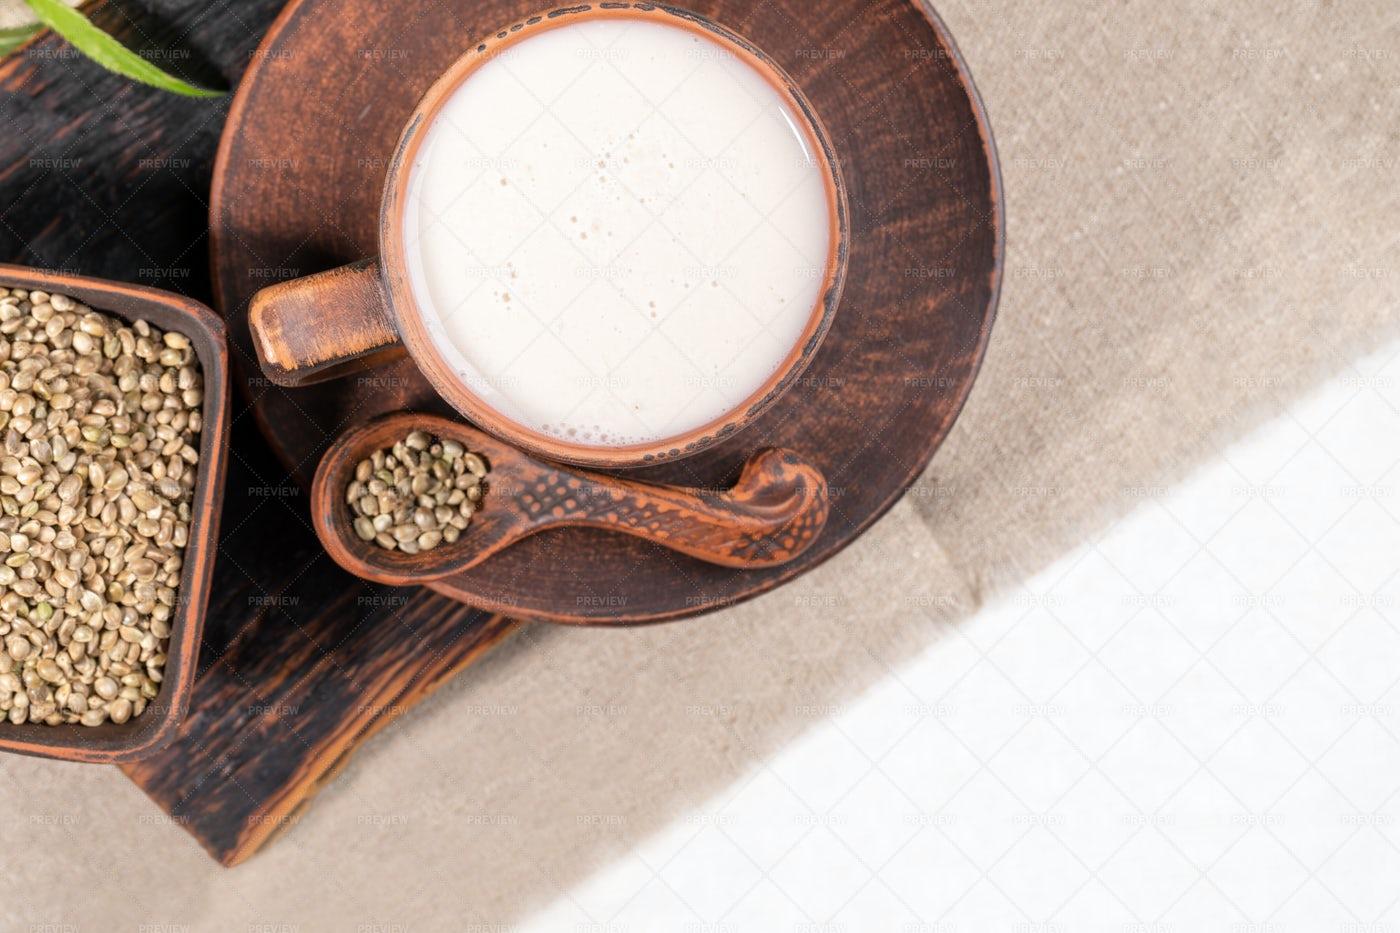 Hemp Milk In Cup: Stock Photos